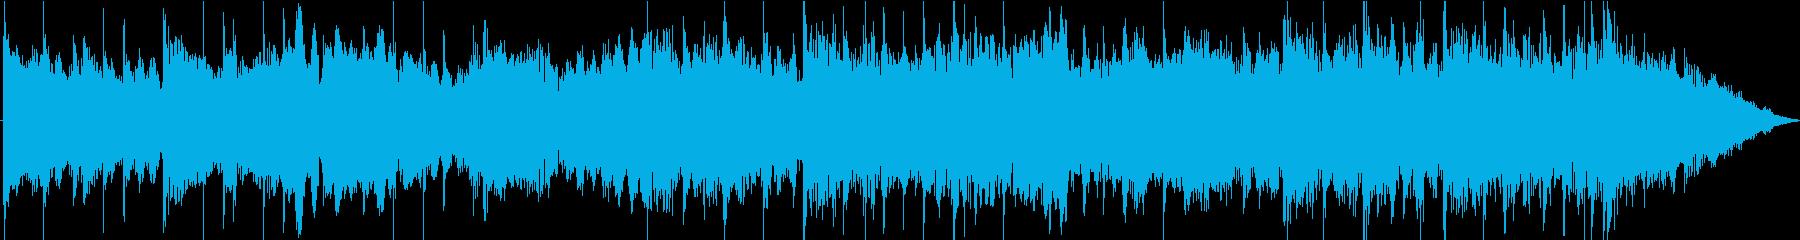 シリアスなエピック系30秒ジングルの再生済みの波形